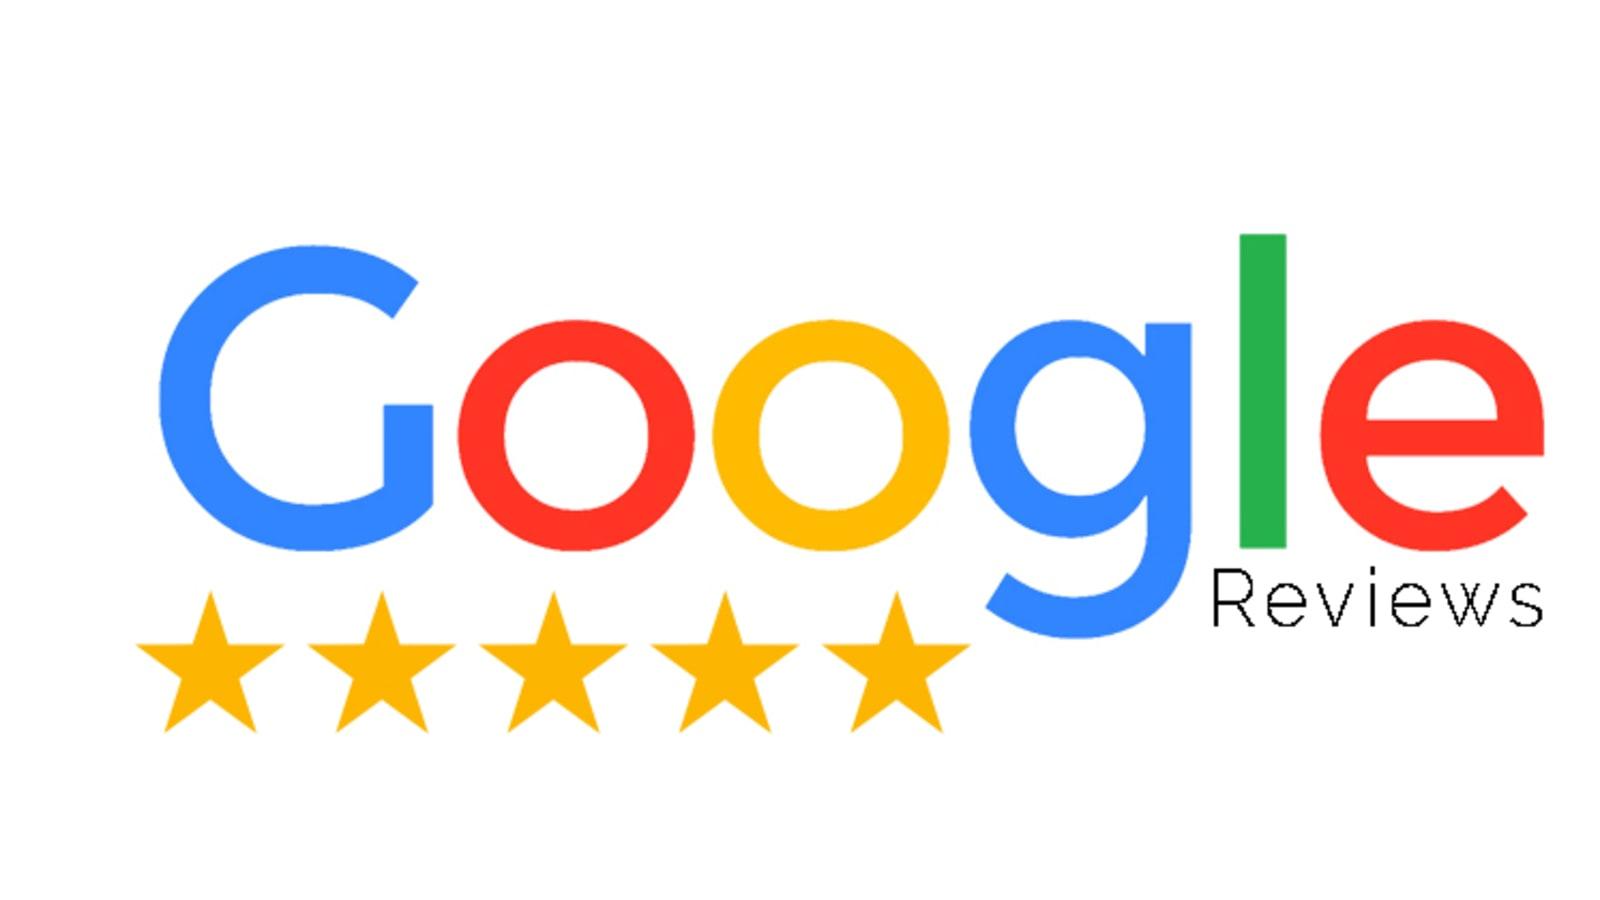 barbara_google_reviews